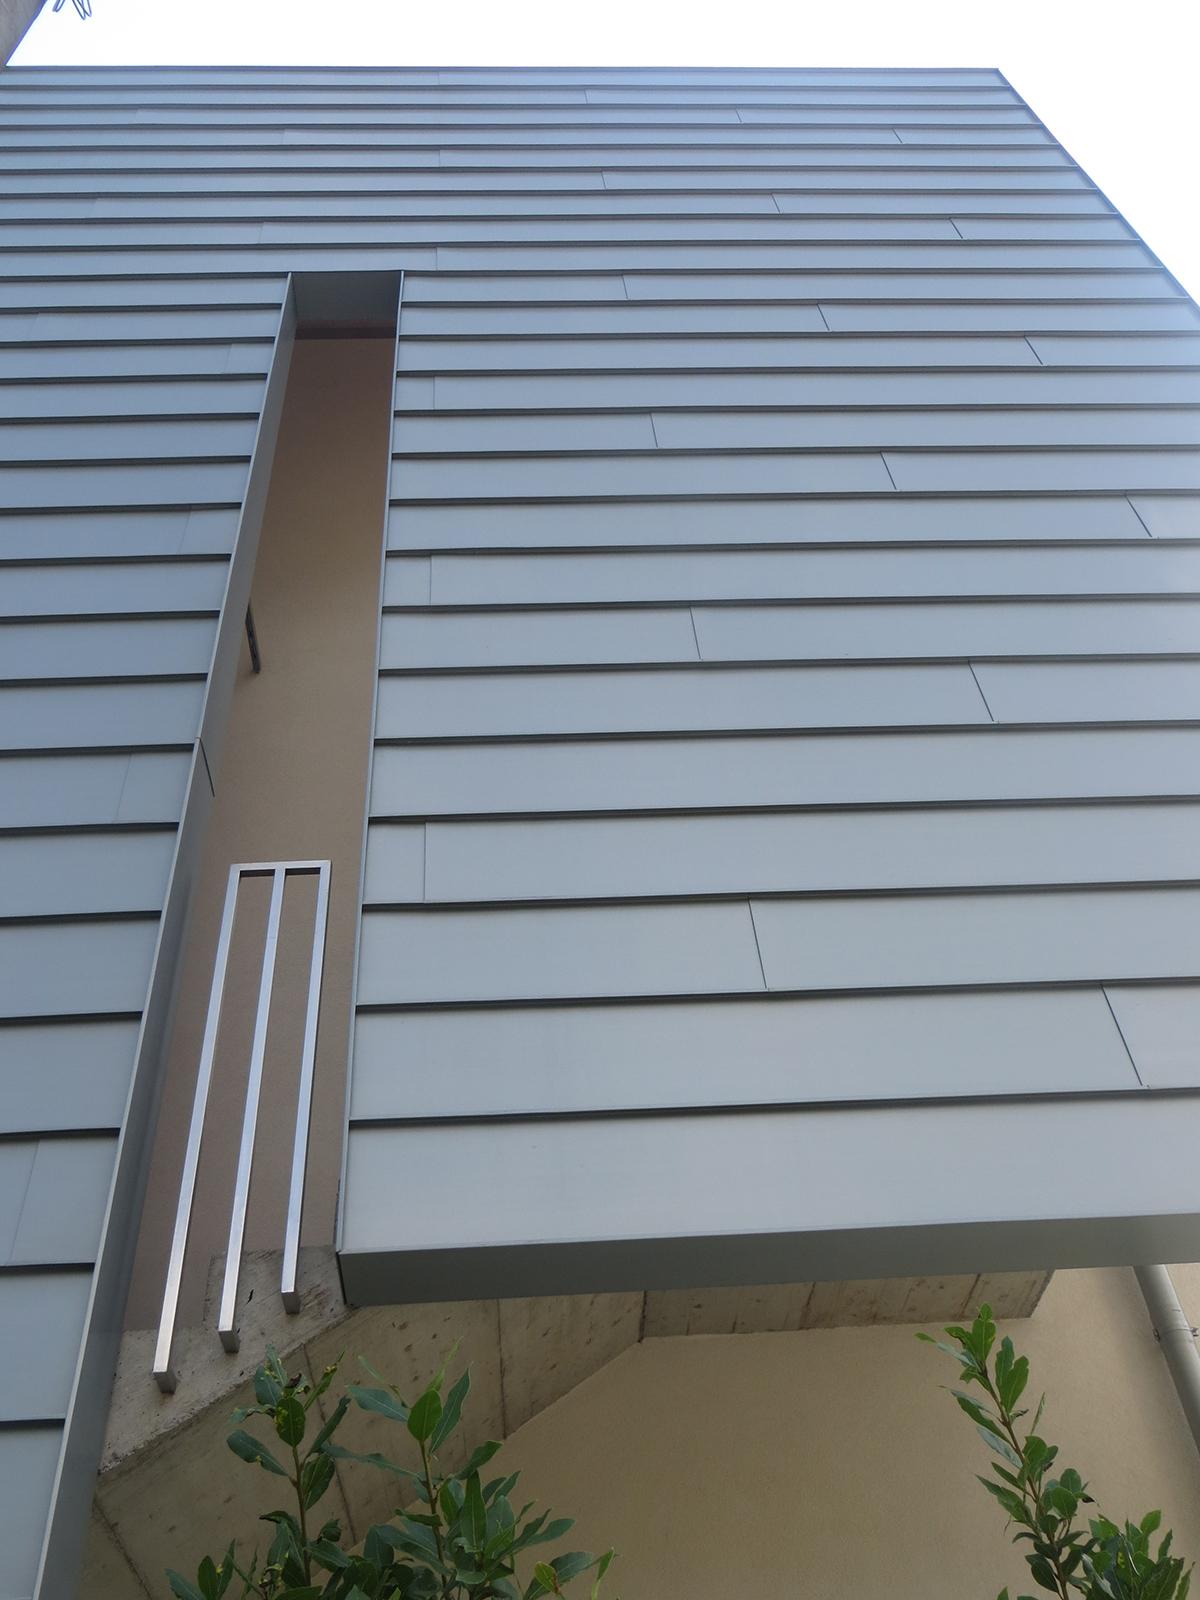 Studio-di-architettura-Baisotti-Sigala-prgetti39